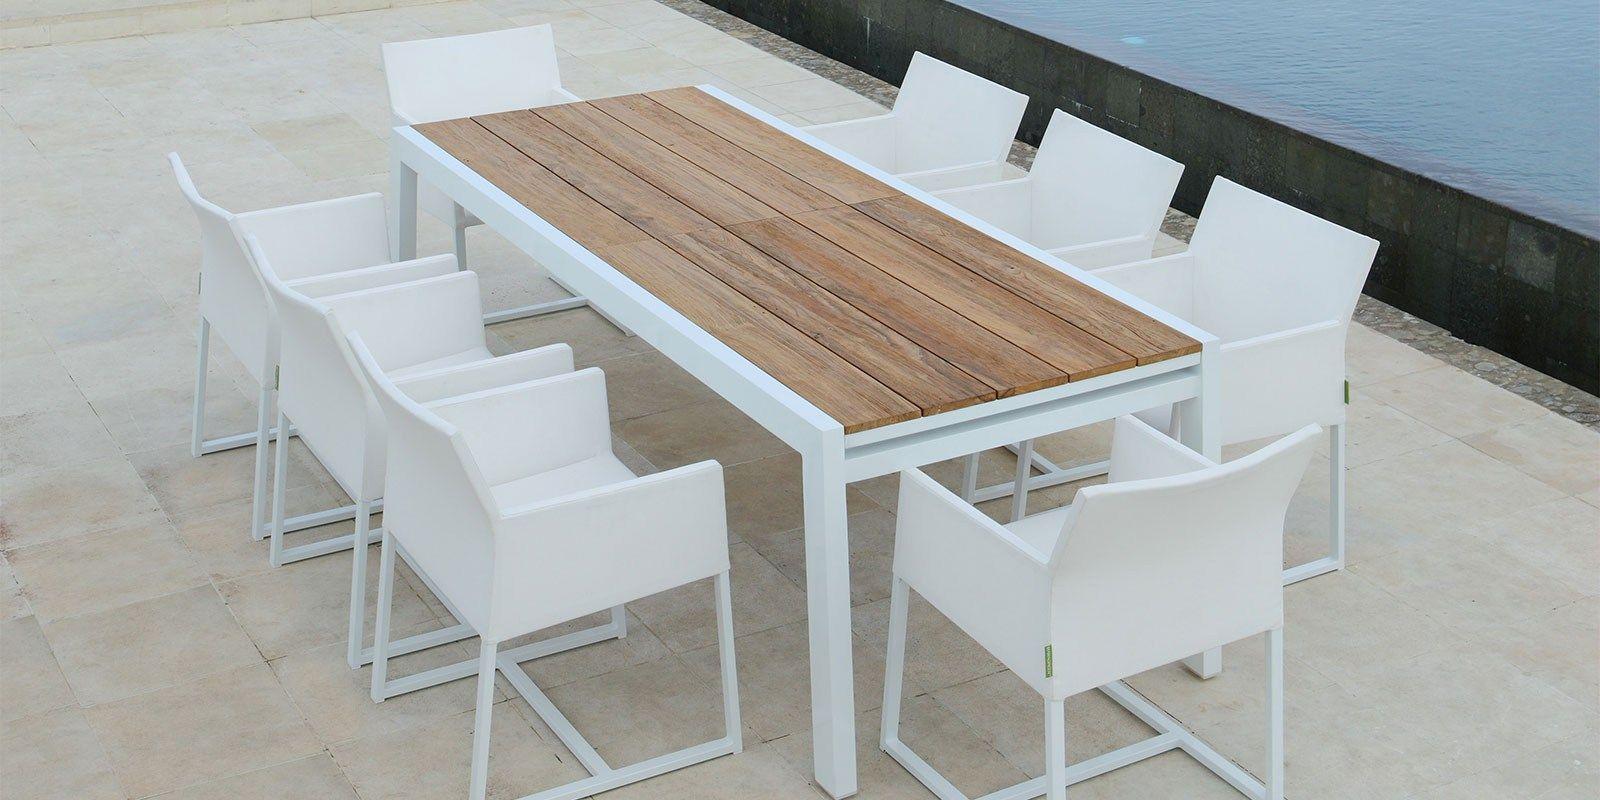 Tavolo allungabile da giardino in alluminio e legno BAIA ...